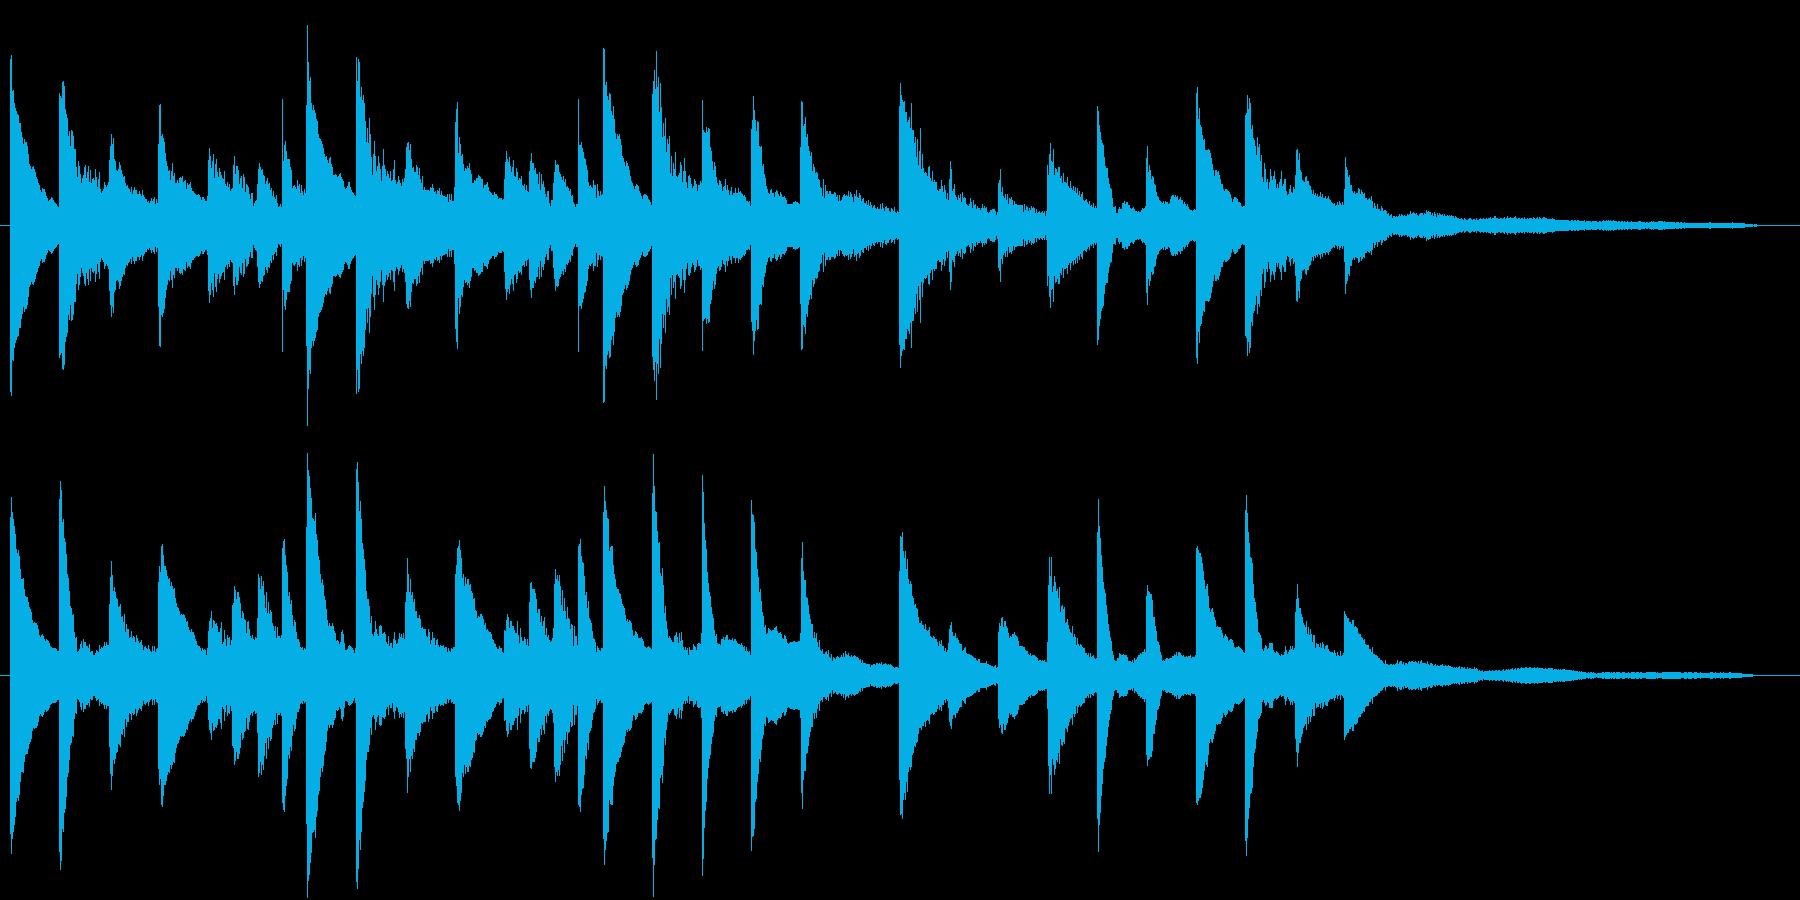 気持ちいいリラクゼーションピアノジングルの再生済みの波形